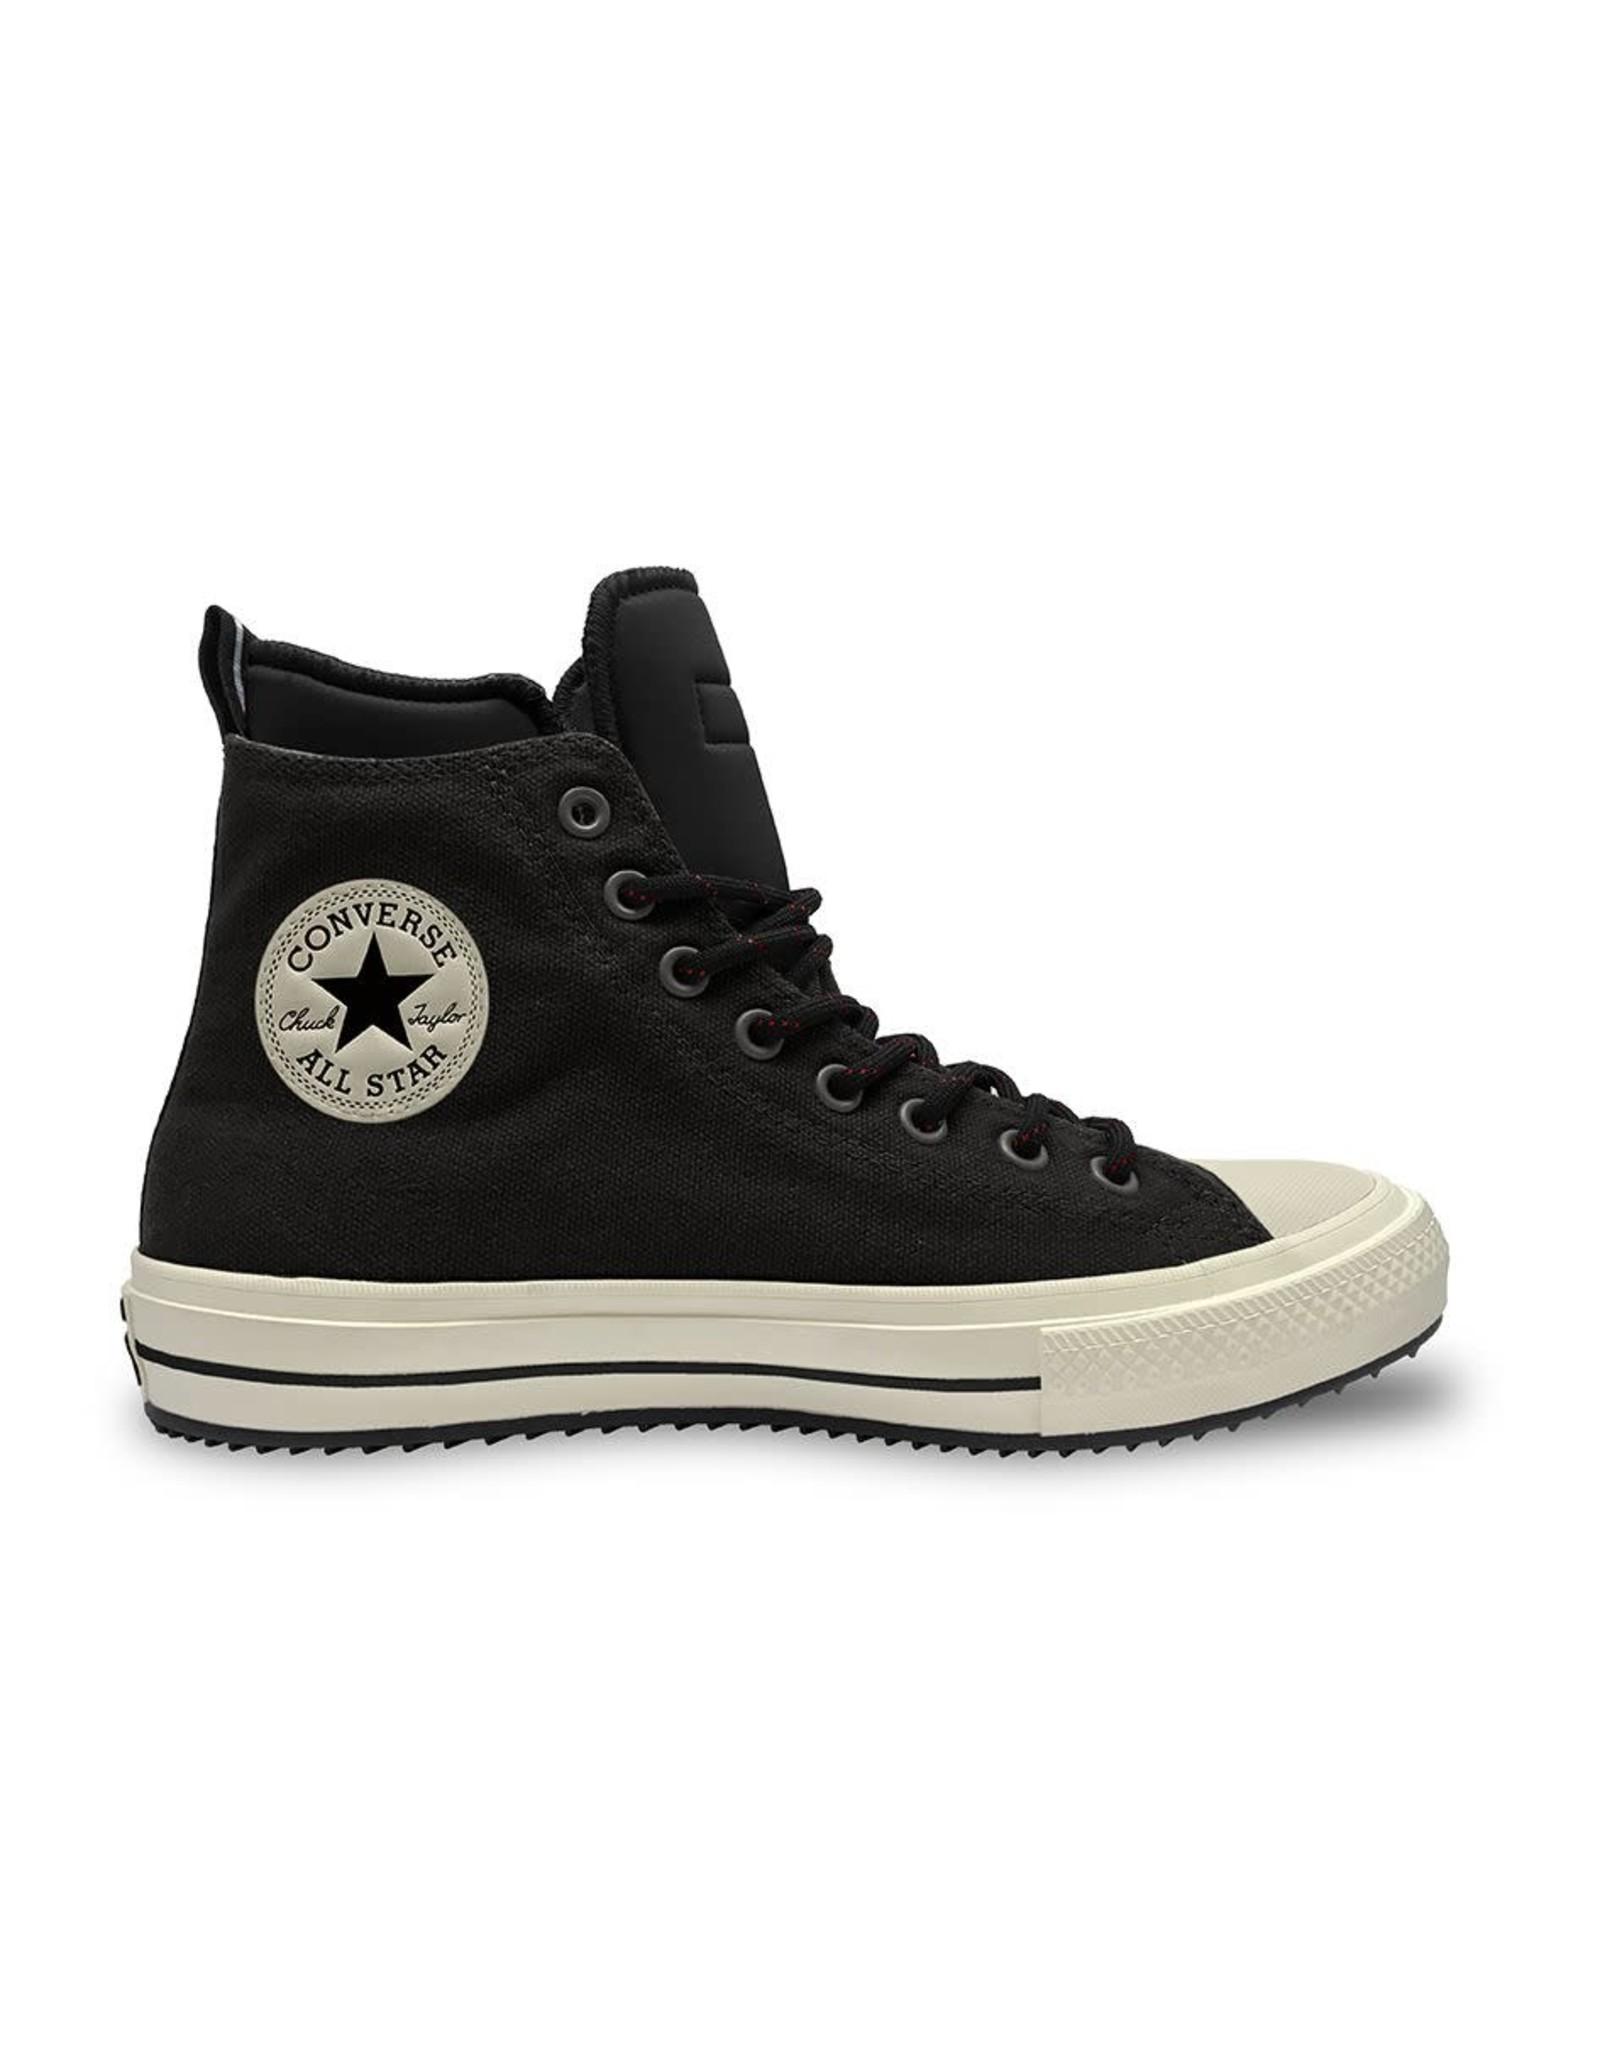 CONVERSE CHUCK TAYLOR ALL STAR BOOT HI CUIR BLACK/BLACK/EGRET CC19BOB-166607C